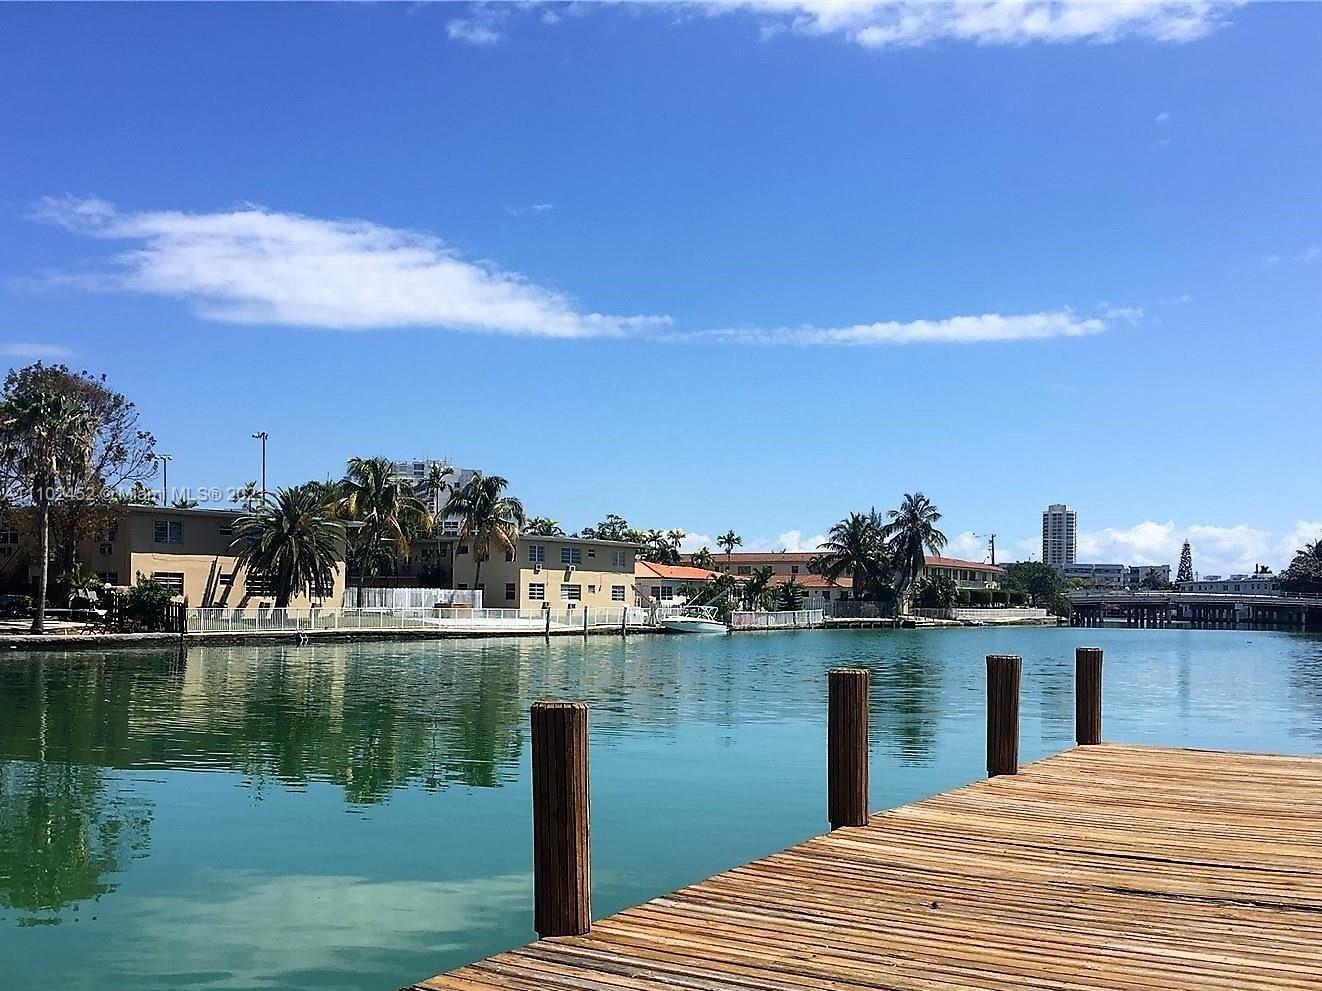 1185 Marseille Dr #207, Miami Beach, FL 33141 - #: A11102452